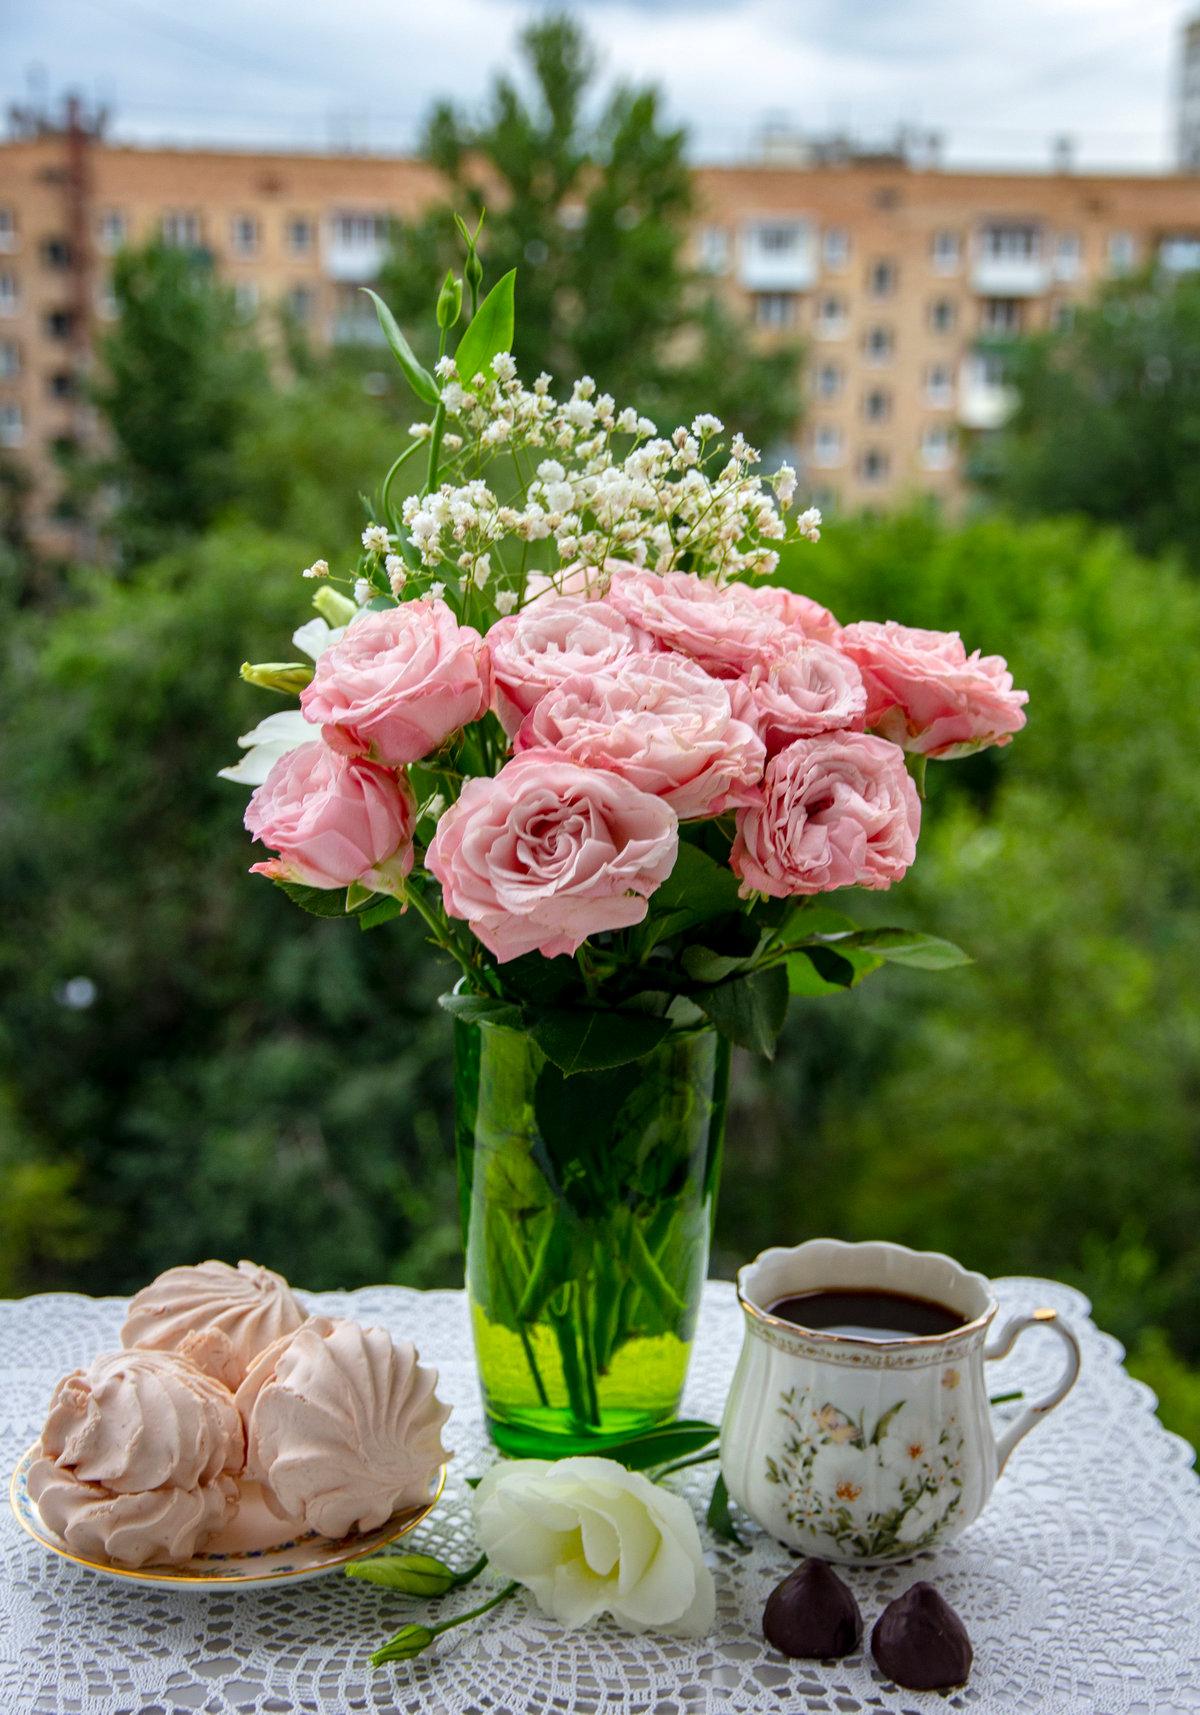 загородный с добрым утром открытки с живыми цветами считался